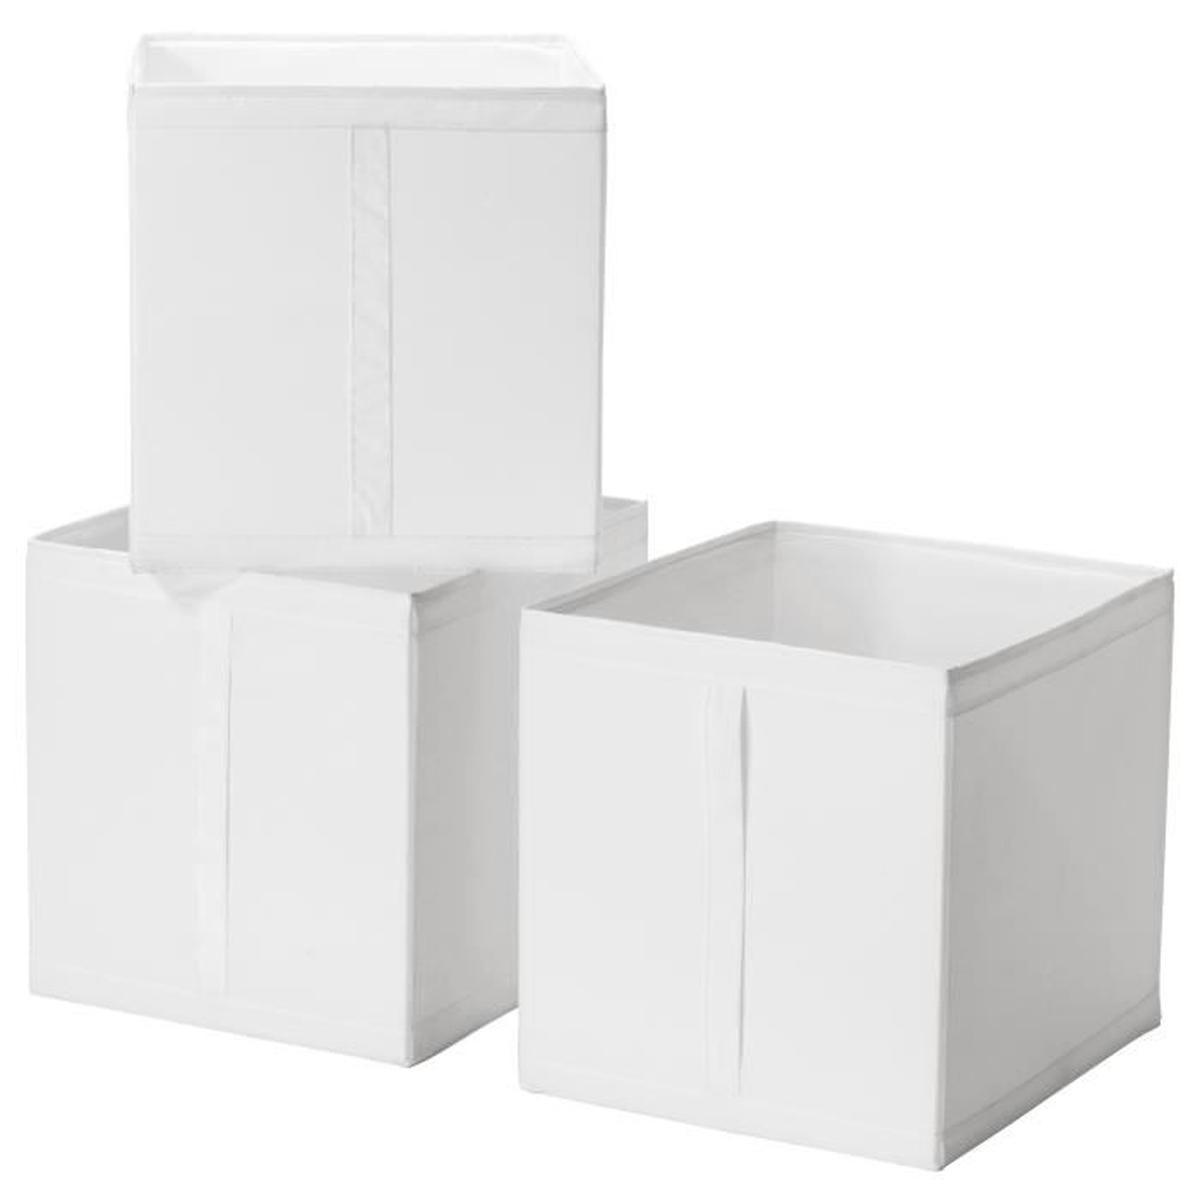 Ensemble 3 Boîtes De Rangement Avec Poigne 31X34X33 Cm Skubb ... encequiconcerne Coffre De Jardin Ikea